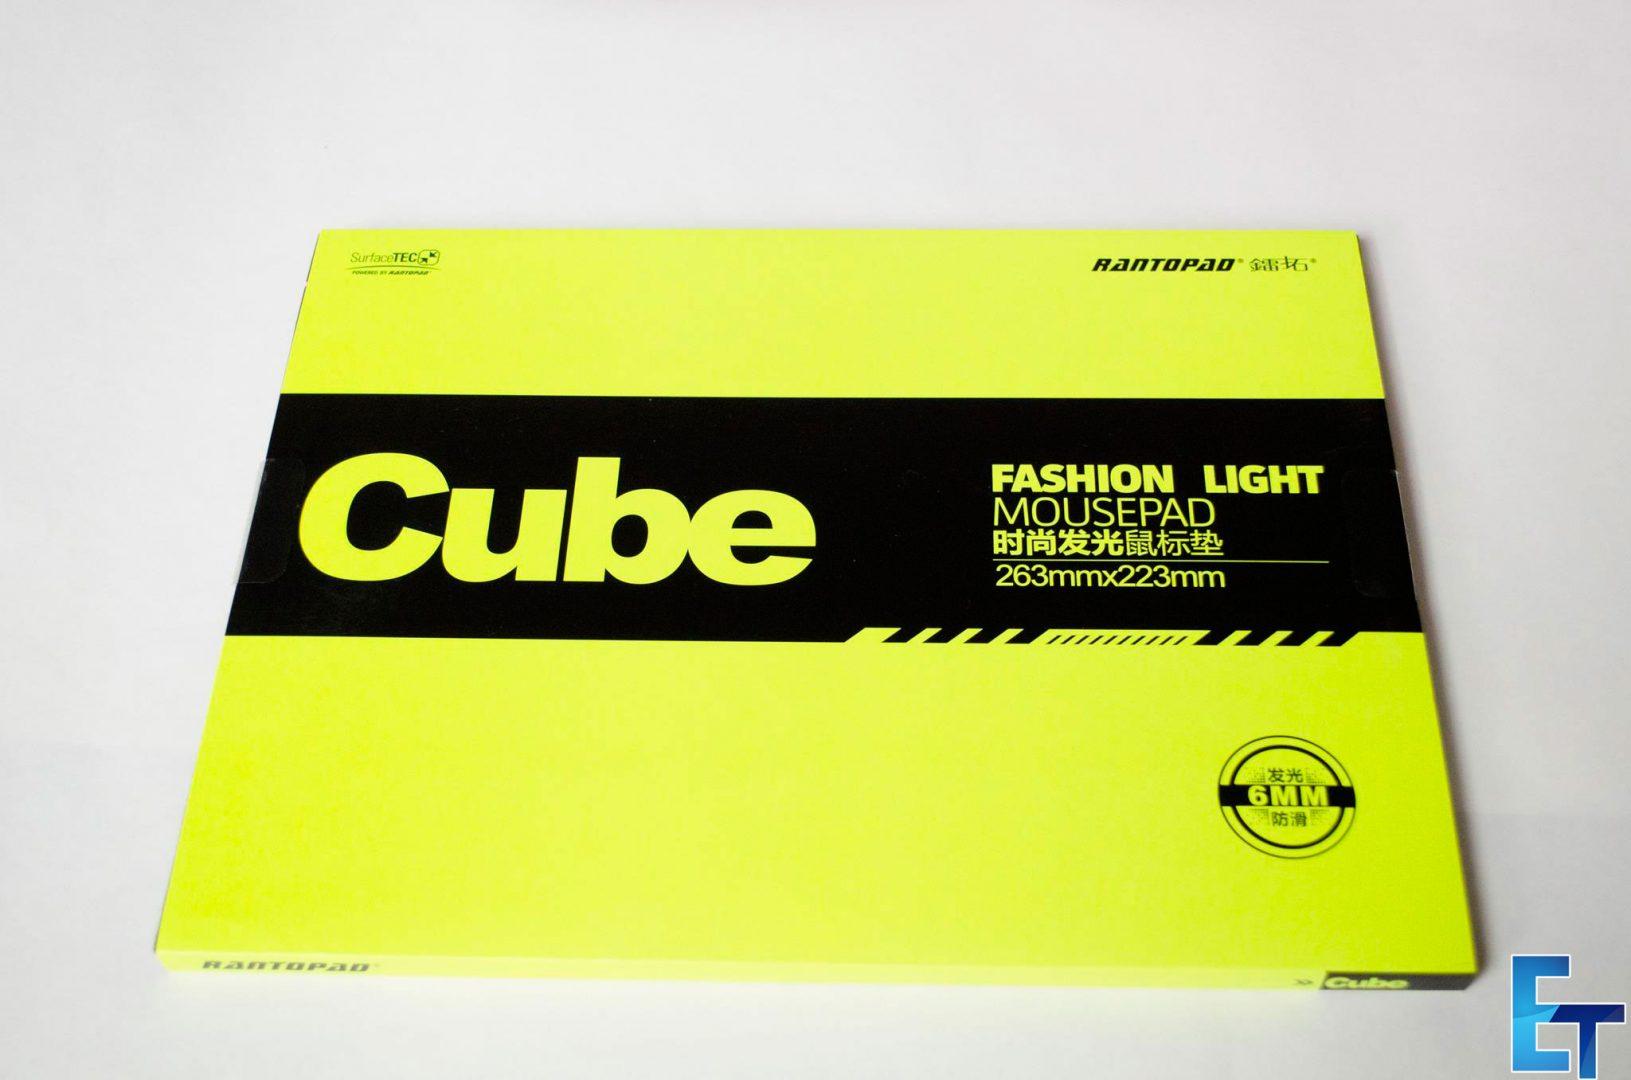 Rantopad-Cube-Fashion-Light-Mousepad